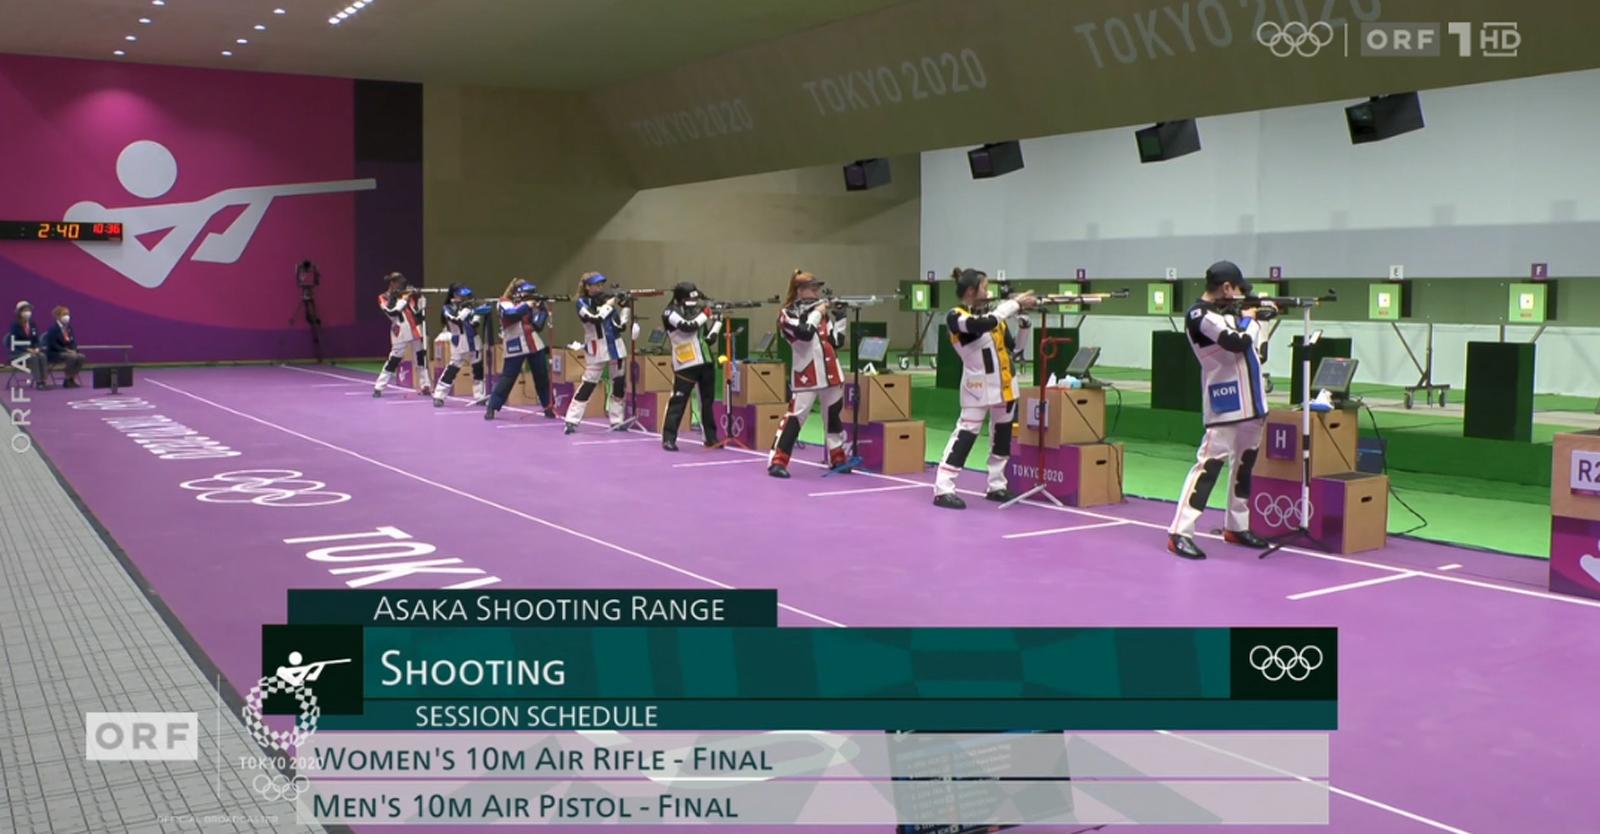 Die beiden ersten Medaillenentscheidungen im Sportschießen im Luftgewehrbewerb der Frauen und Luftpistolenbewerb der Männer wurden in ORF 1 übertragen